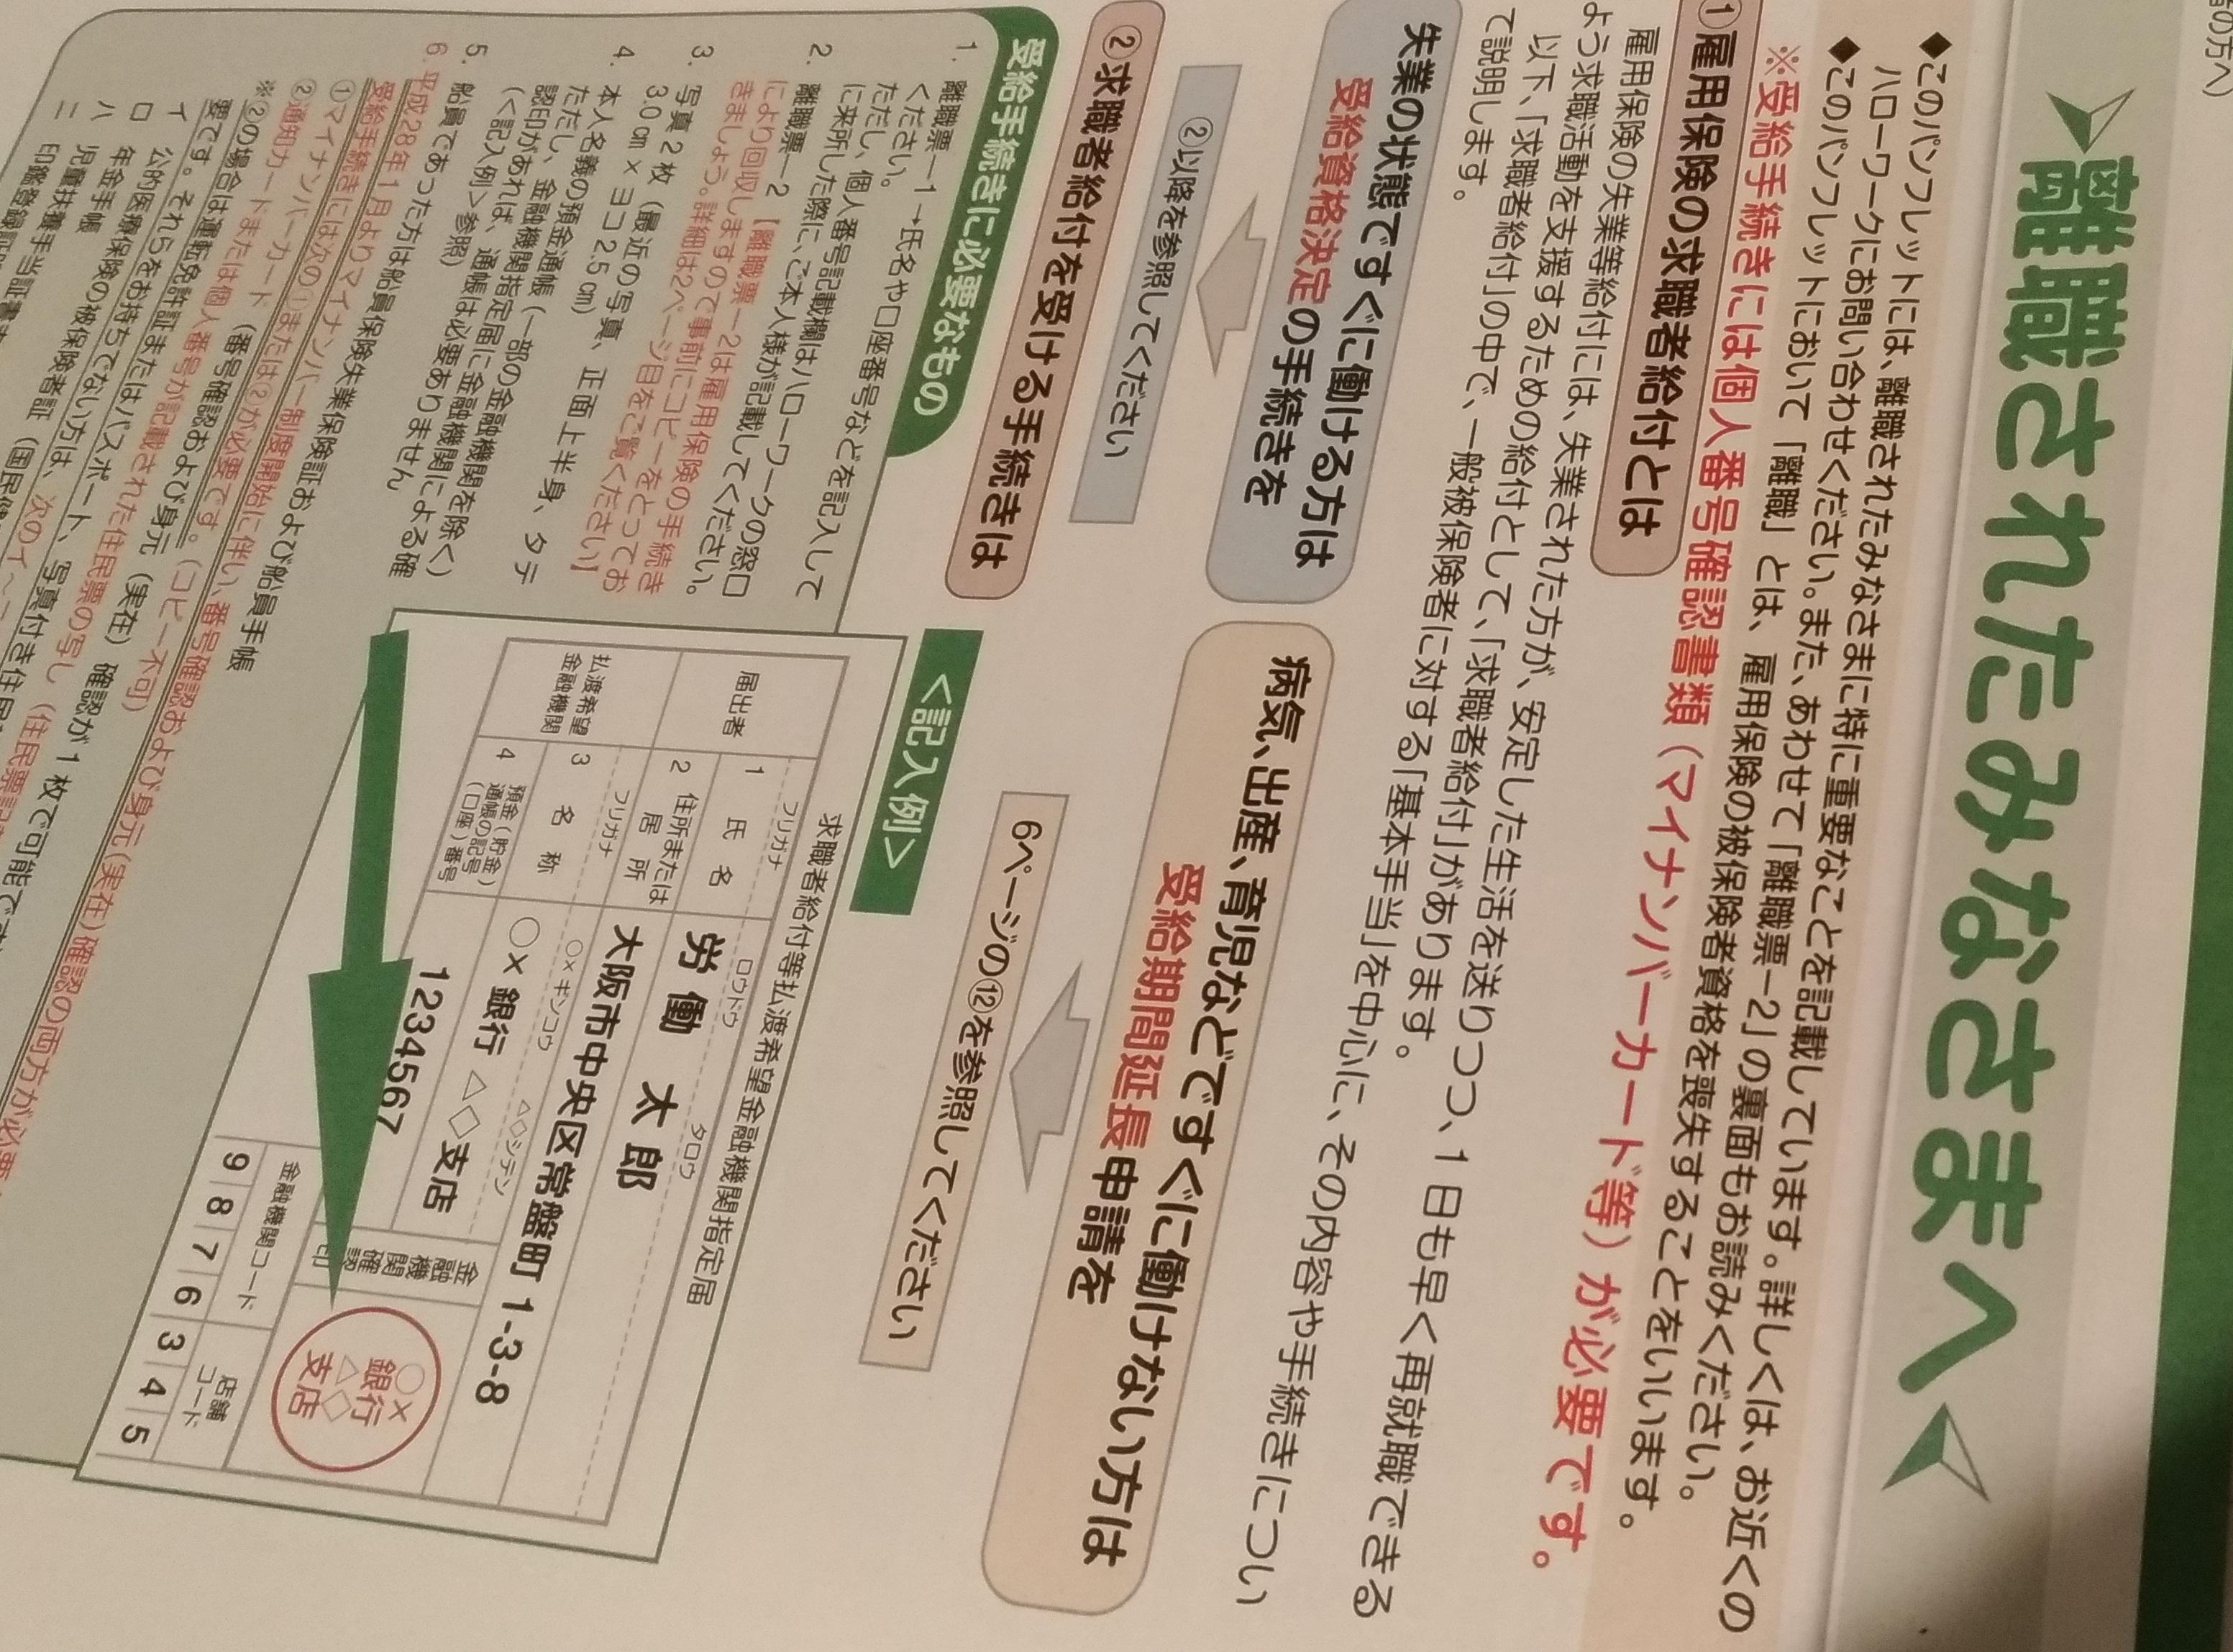 koyohoken_kaisya_taishoku_shorui_.jpg